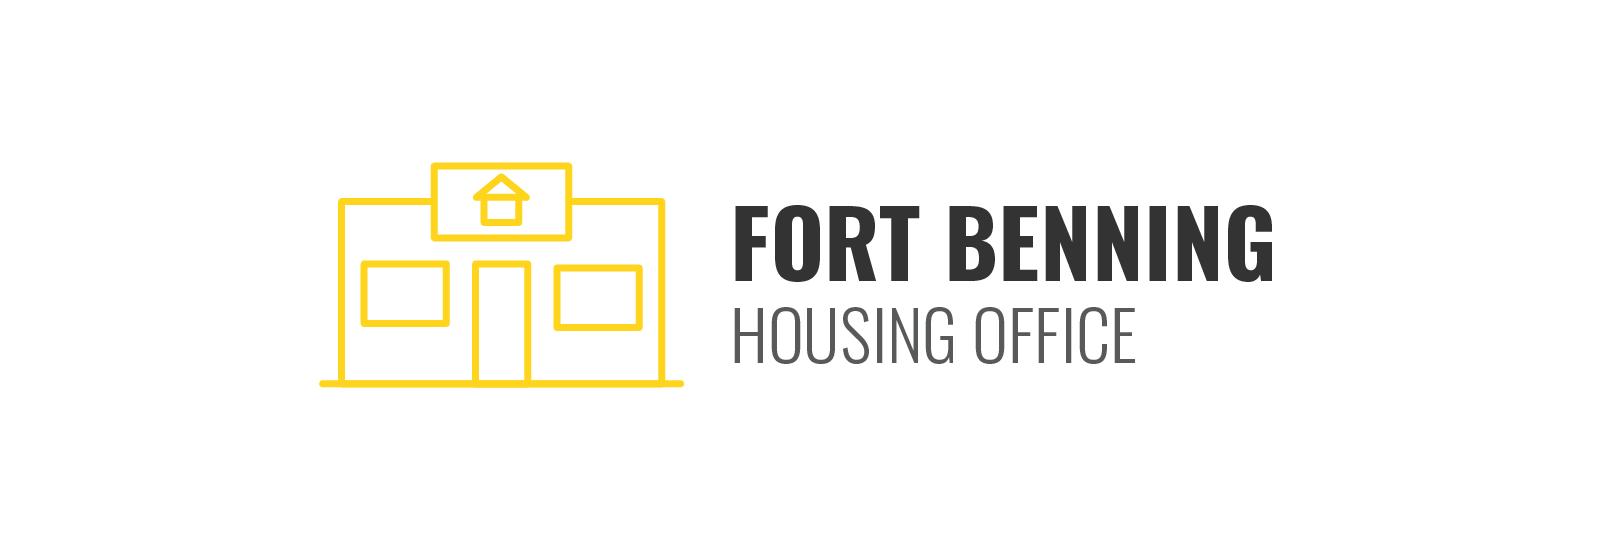 Fort Benning Housing Office